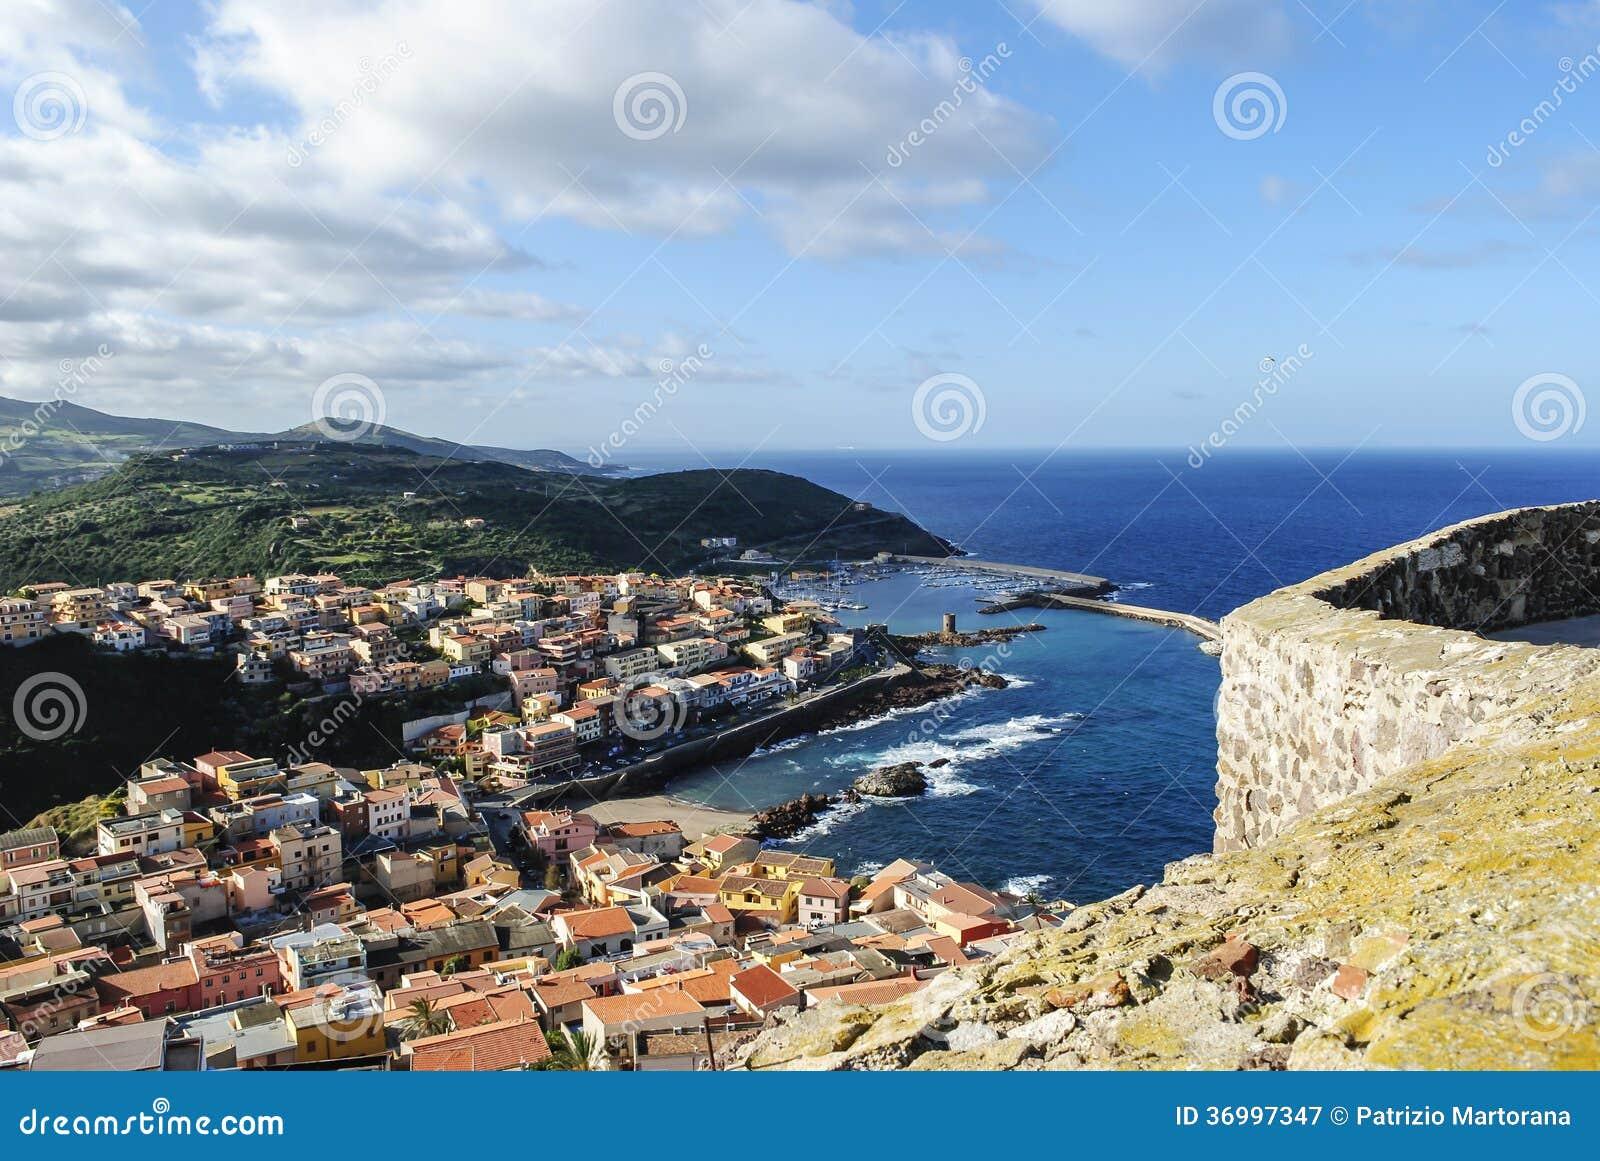 Jachthaven in Sardinige